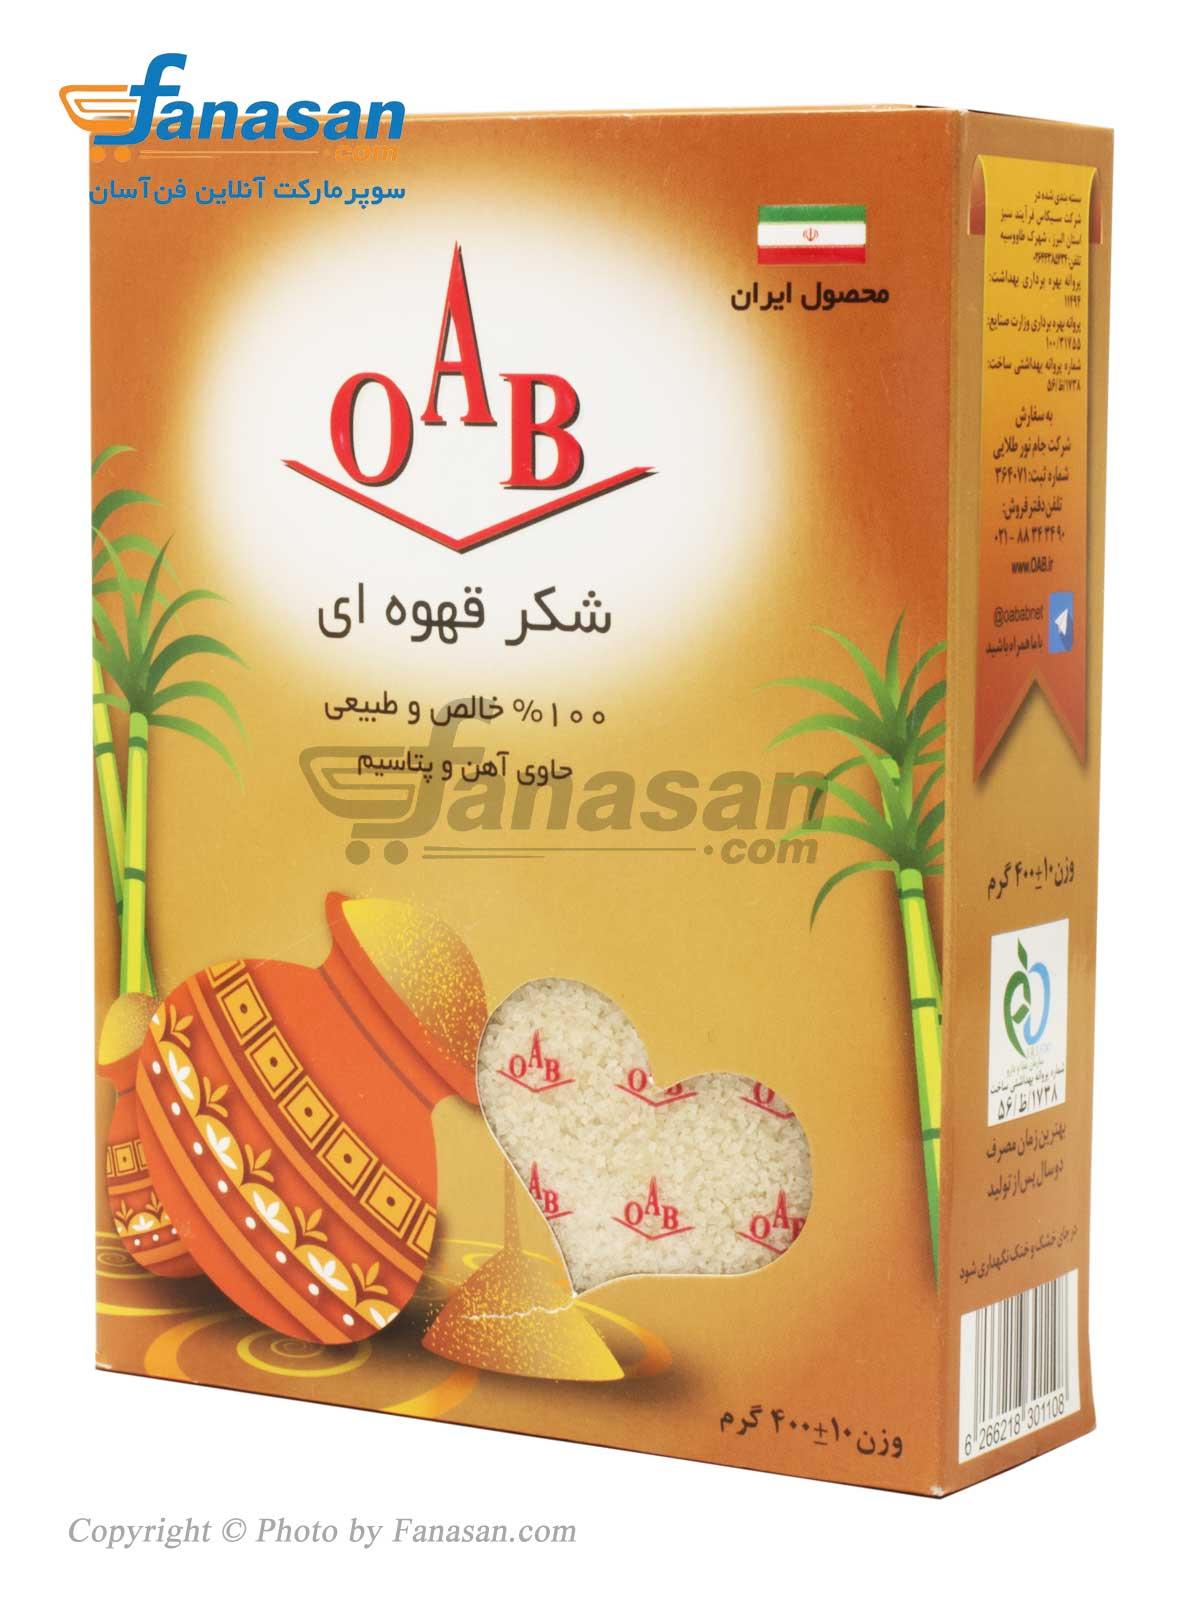 شکر قهوه ای oab خالص و طبیعی 400 گرم